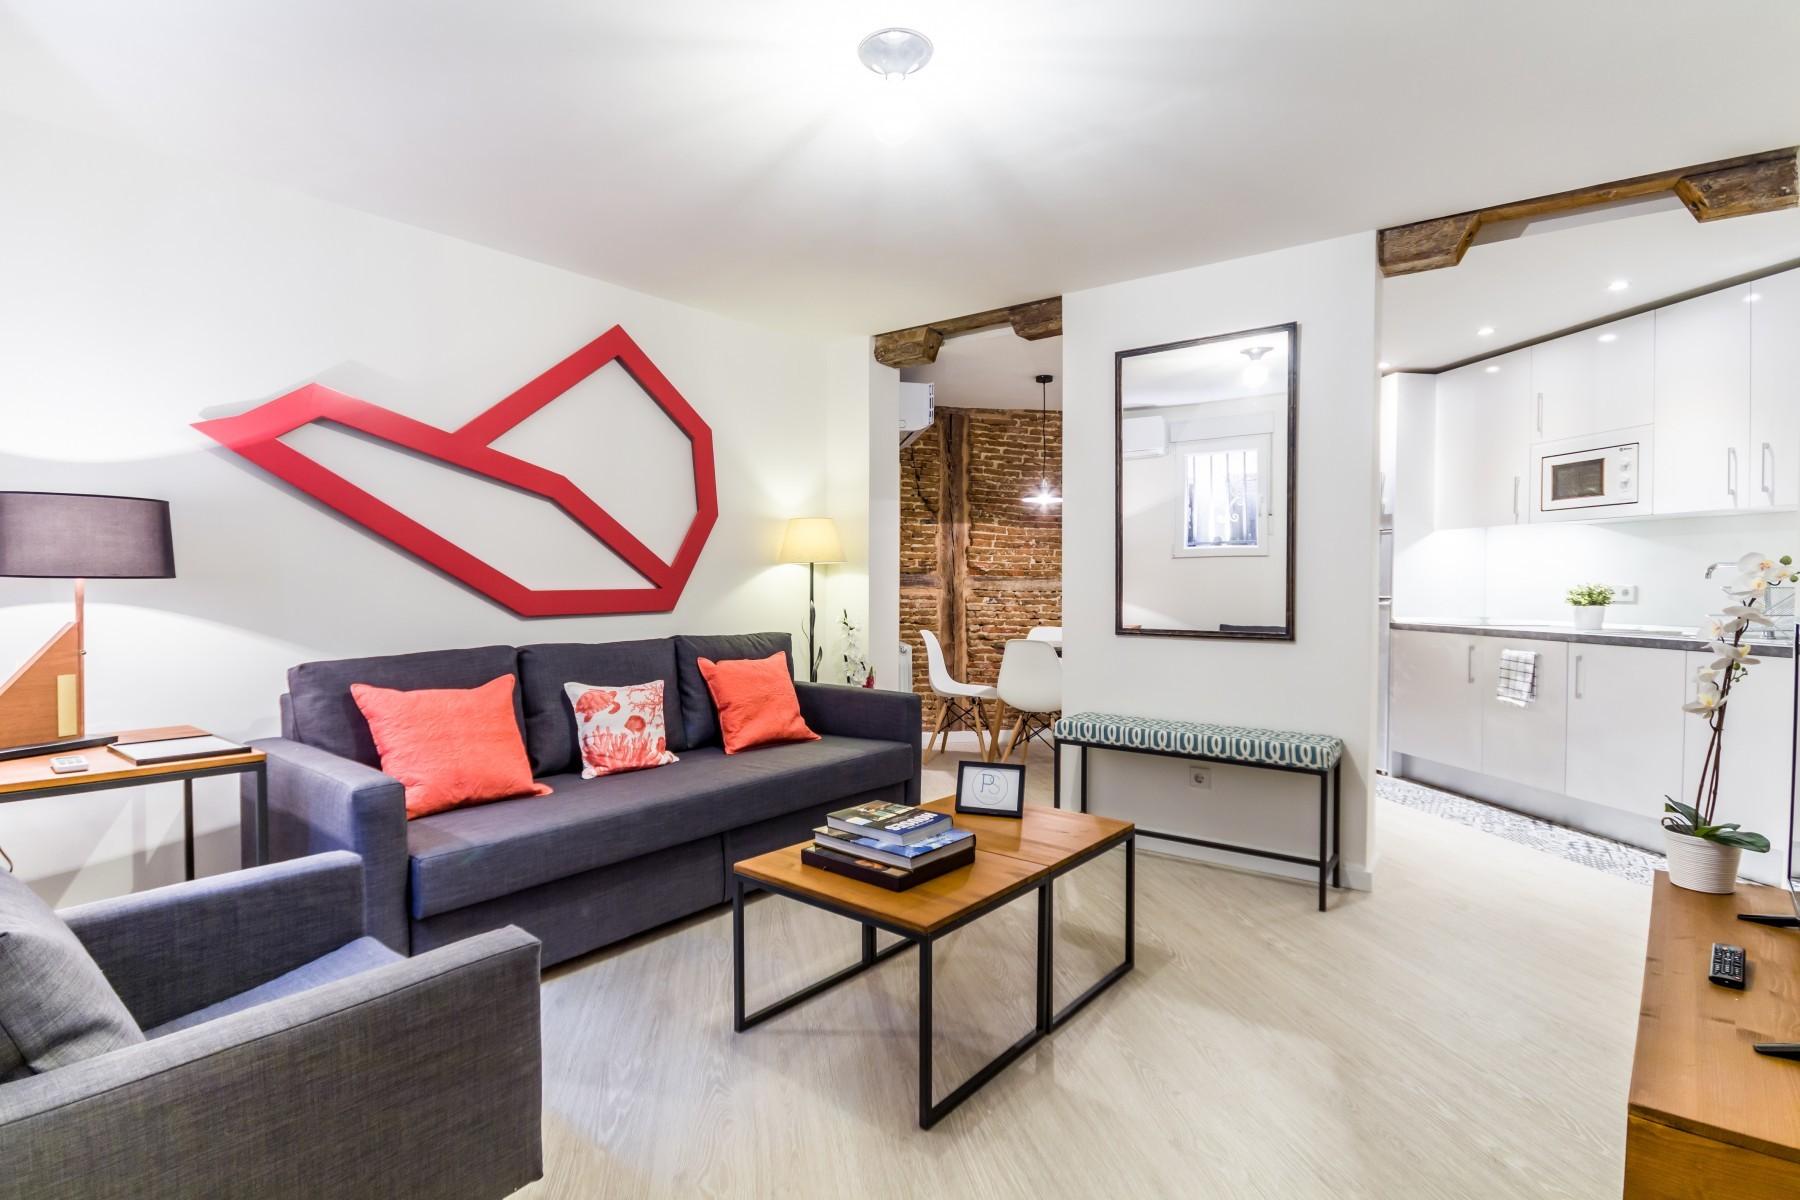 Apartamento en Madrid - Piso de 2 habitaciones totalmente equipado, con A/C e internet en Puerta del Sol!